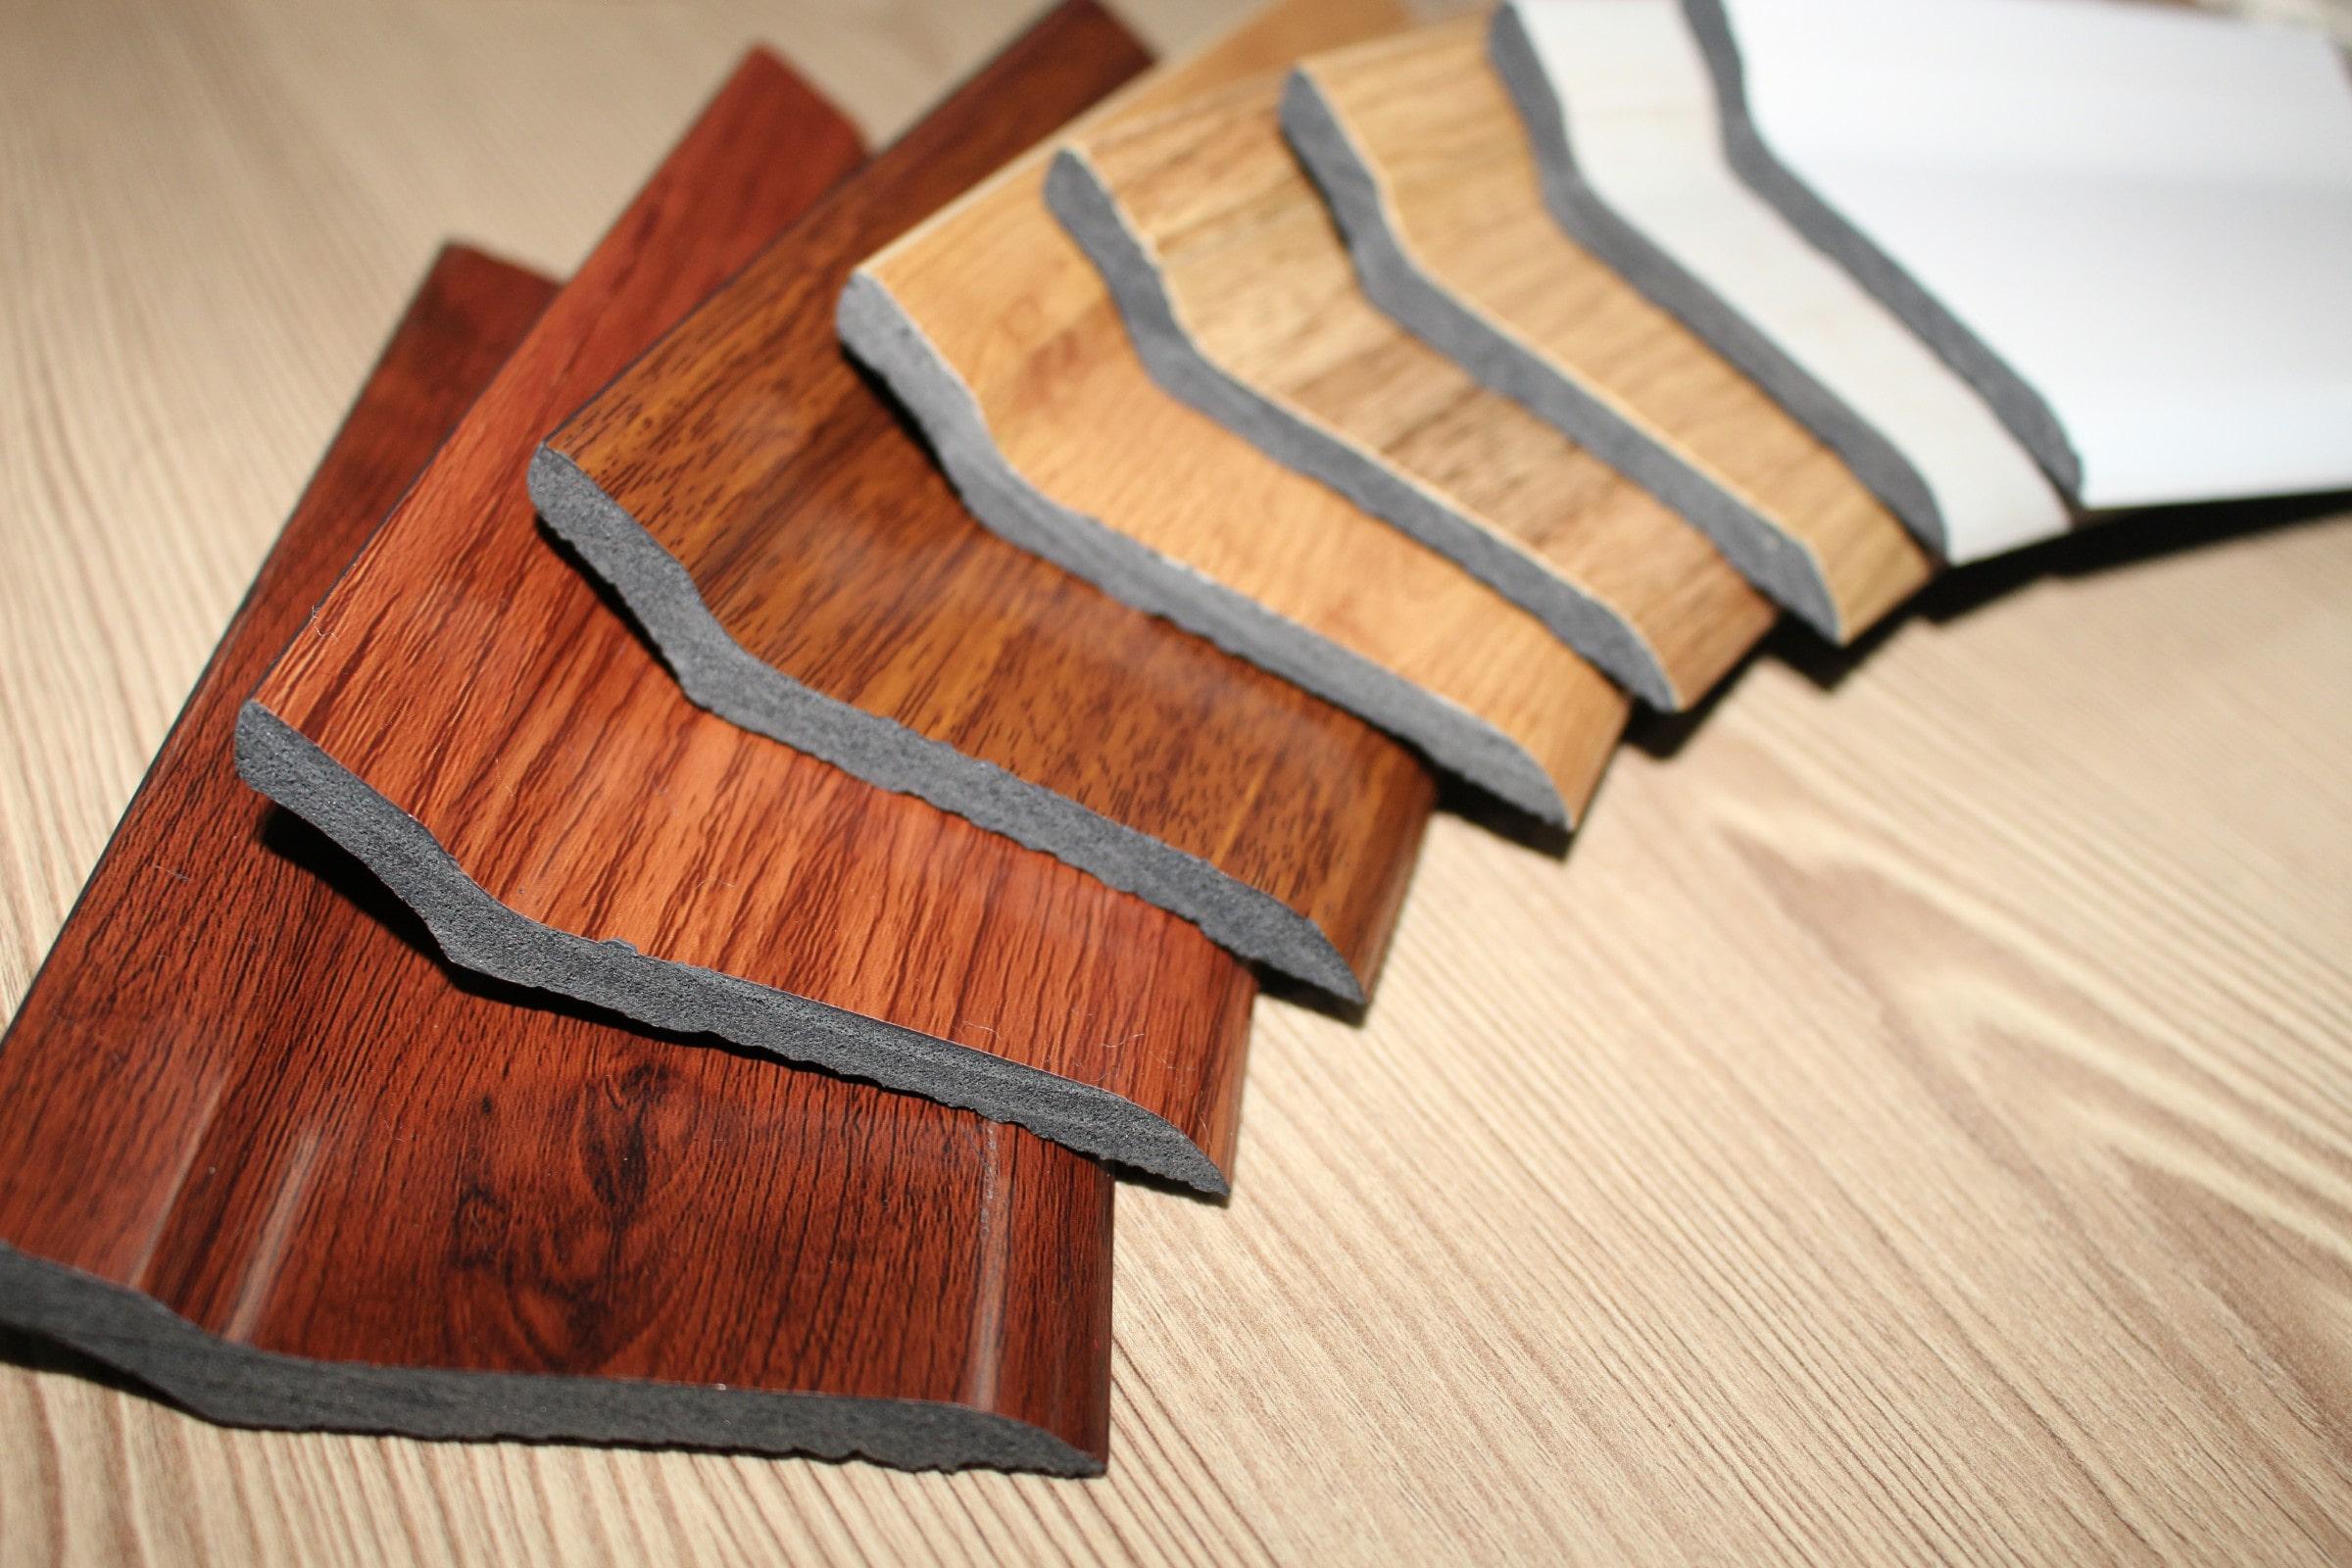 قرنیز چوبی و کاربرد آن استوارسازان